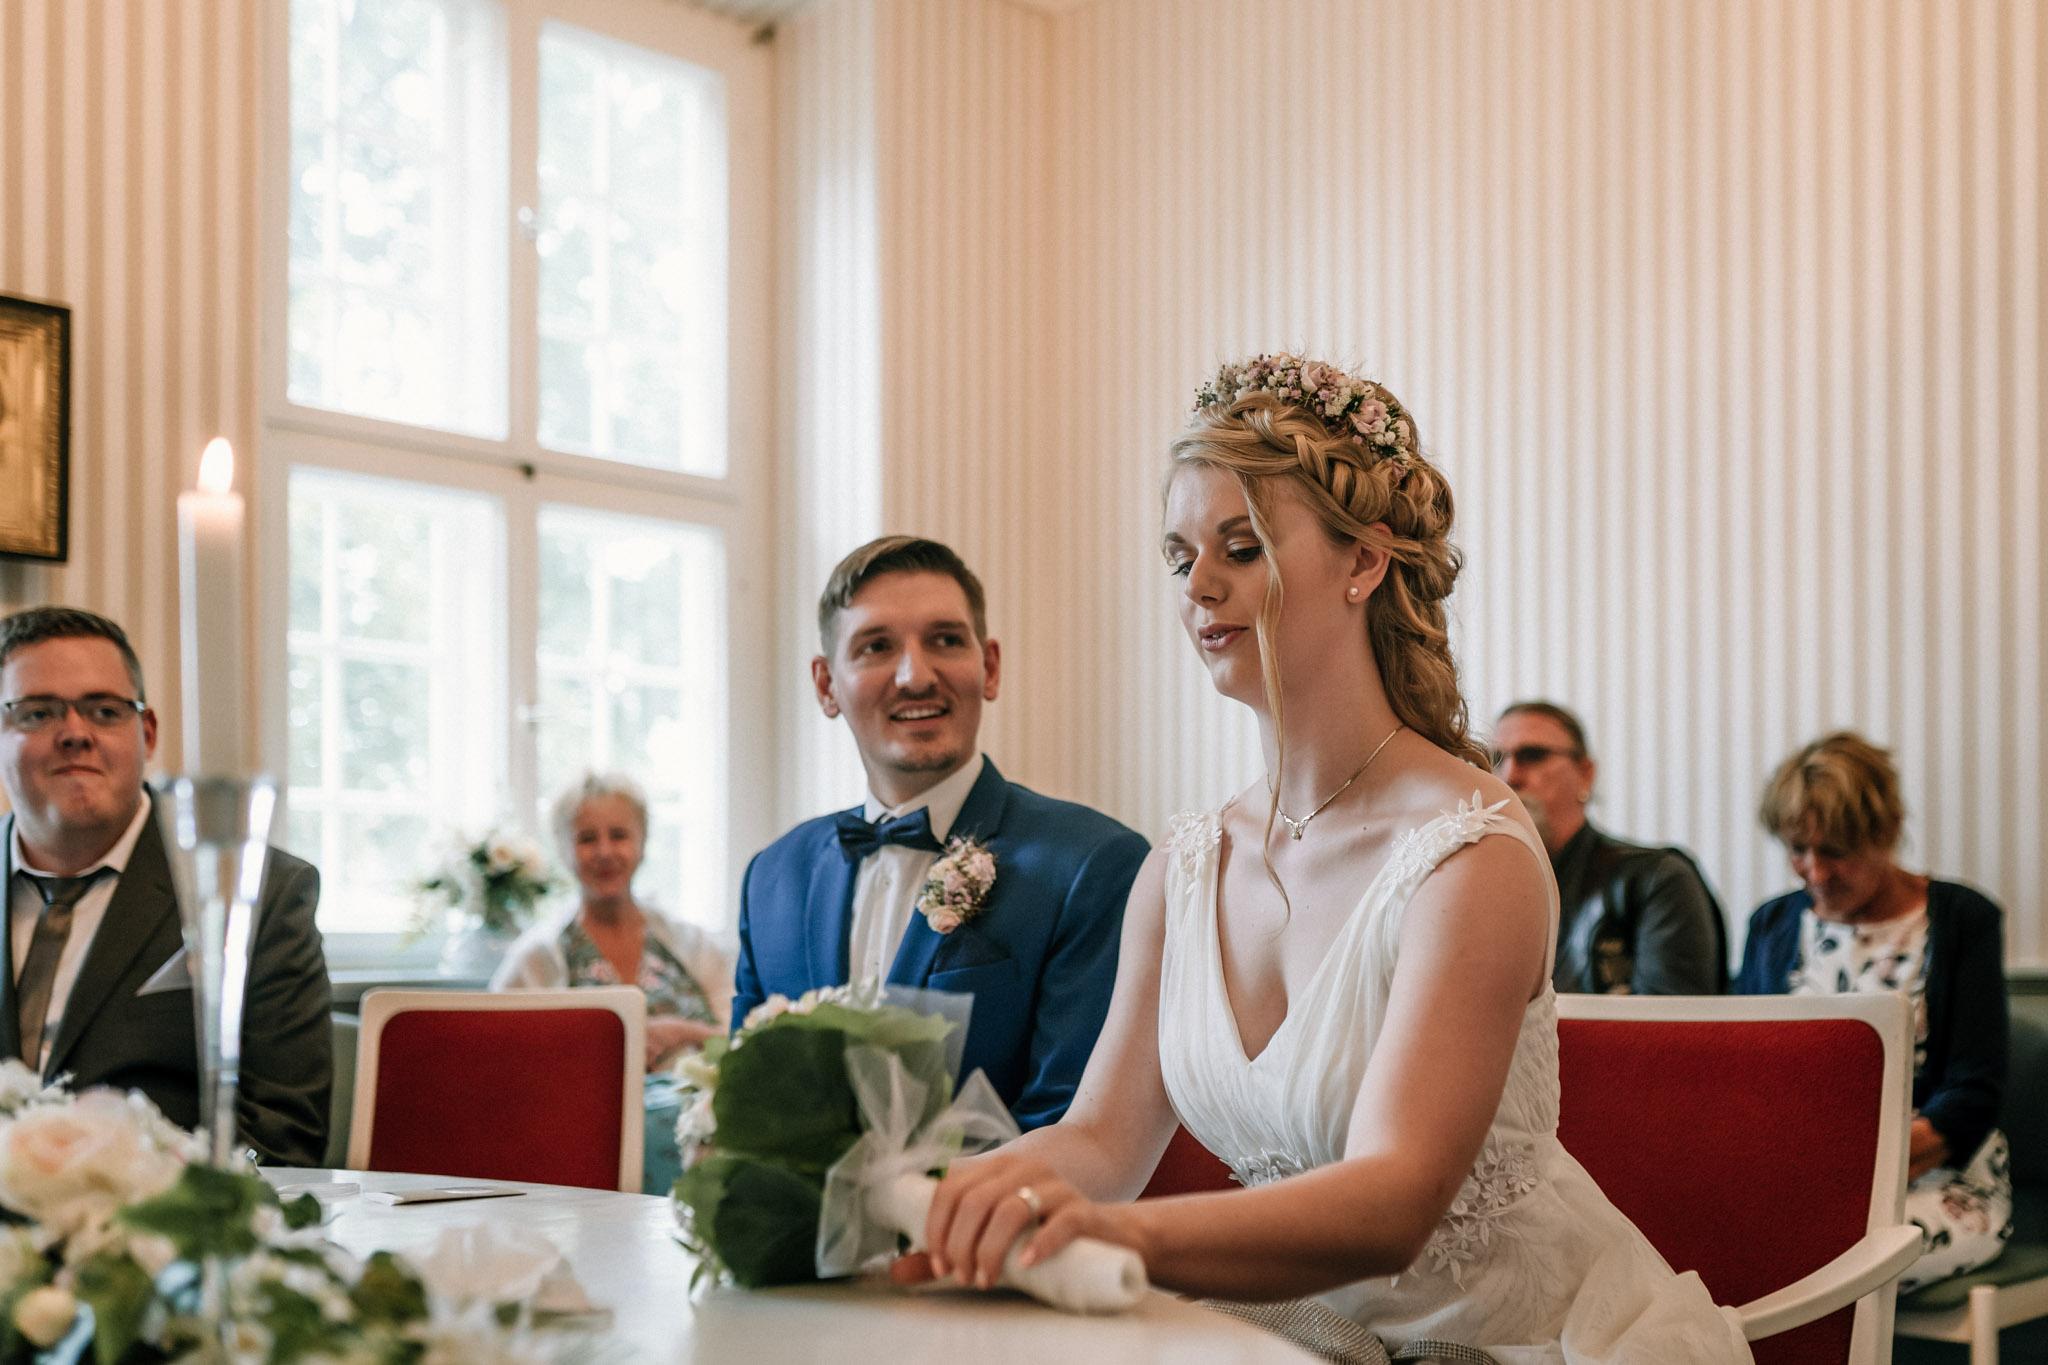 Hochzeitsfieber by Photo-Schomburg, Sven Schomburg Hochzeitsfotografie, Hochzeitsfotograf, Bad Bramstedt, Hamburg, Schleswig-Hostein-16